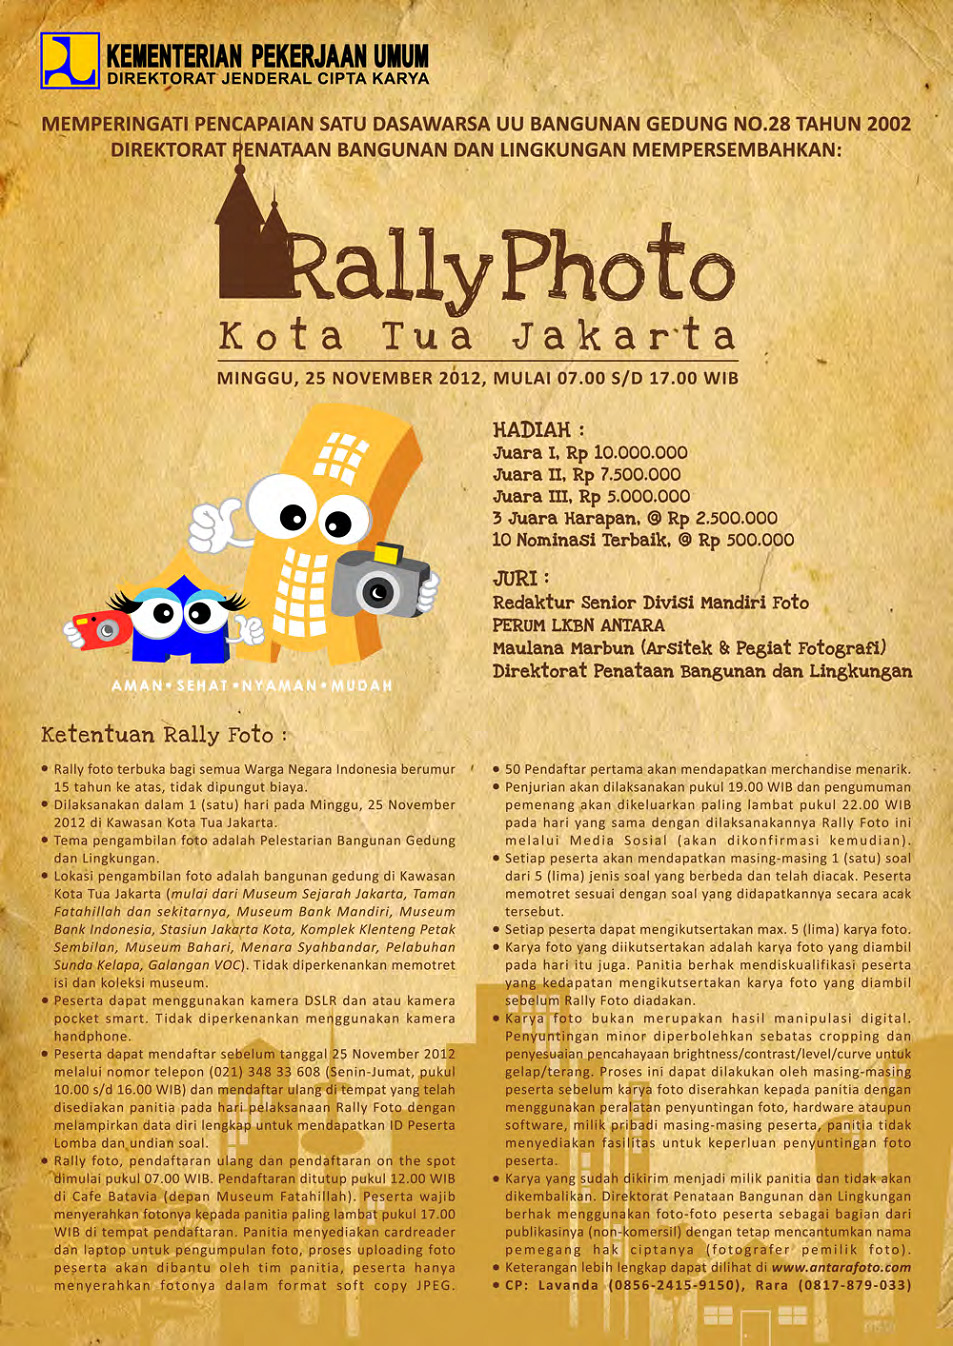 Kontes rally